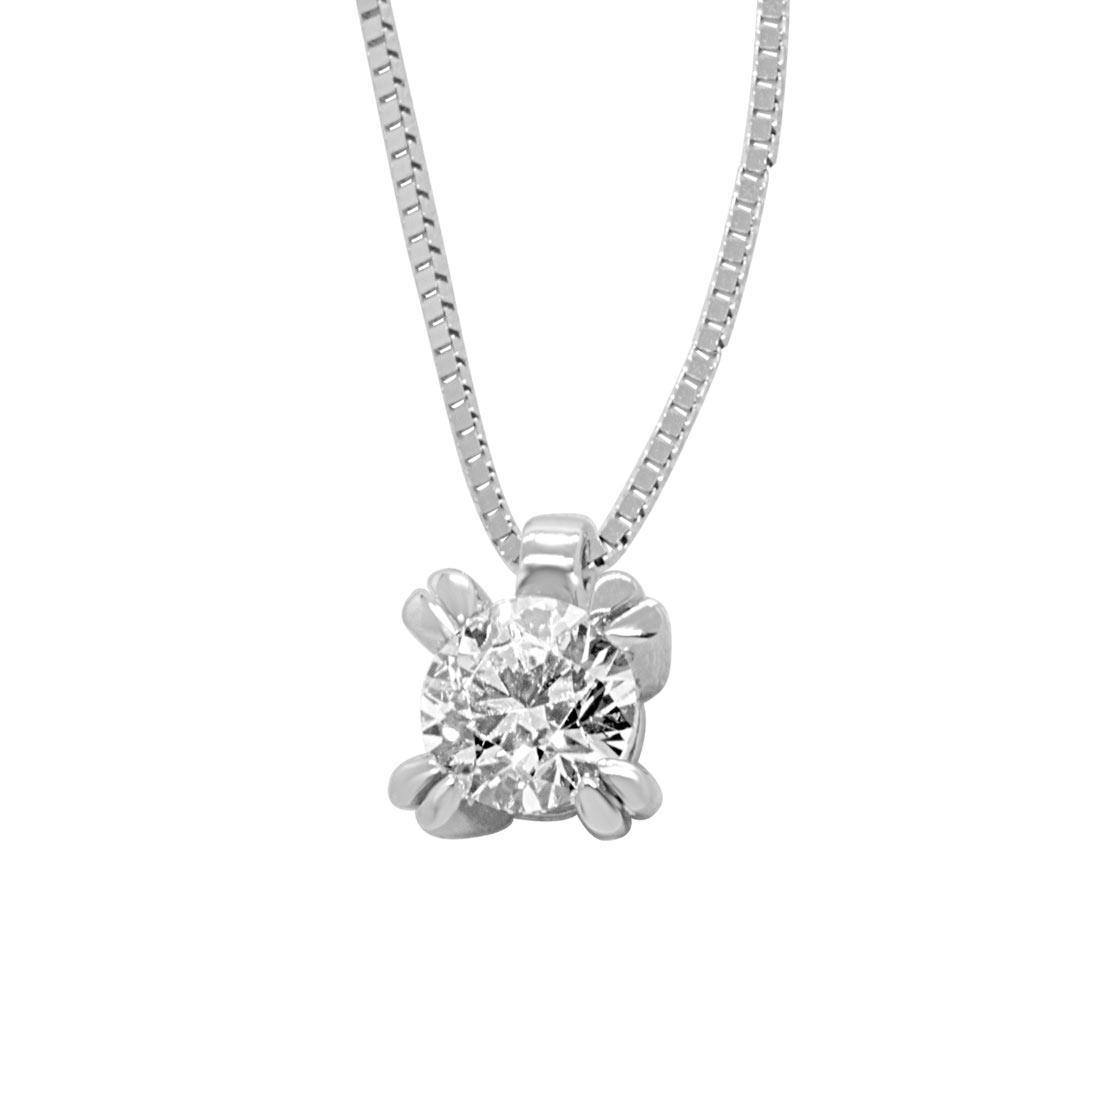 Collier punto luce in oro bianco con diamante 0,50 ct - ALFIERI & ST. JOHN